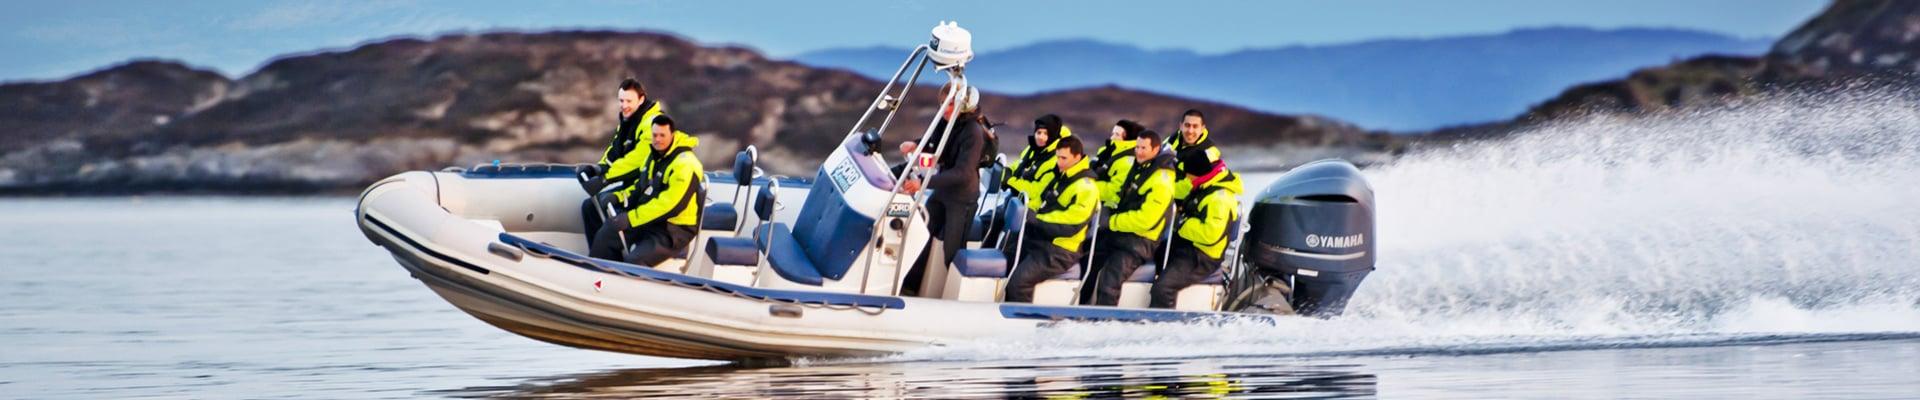 transport-boat-8m-header